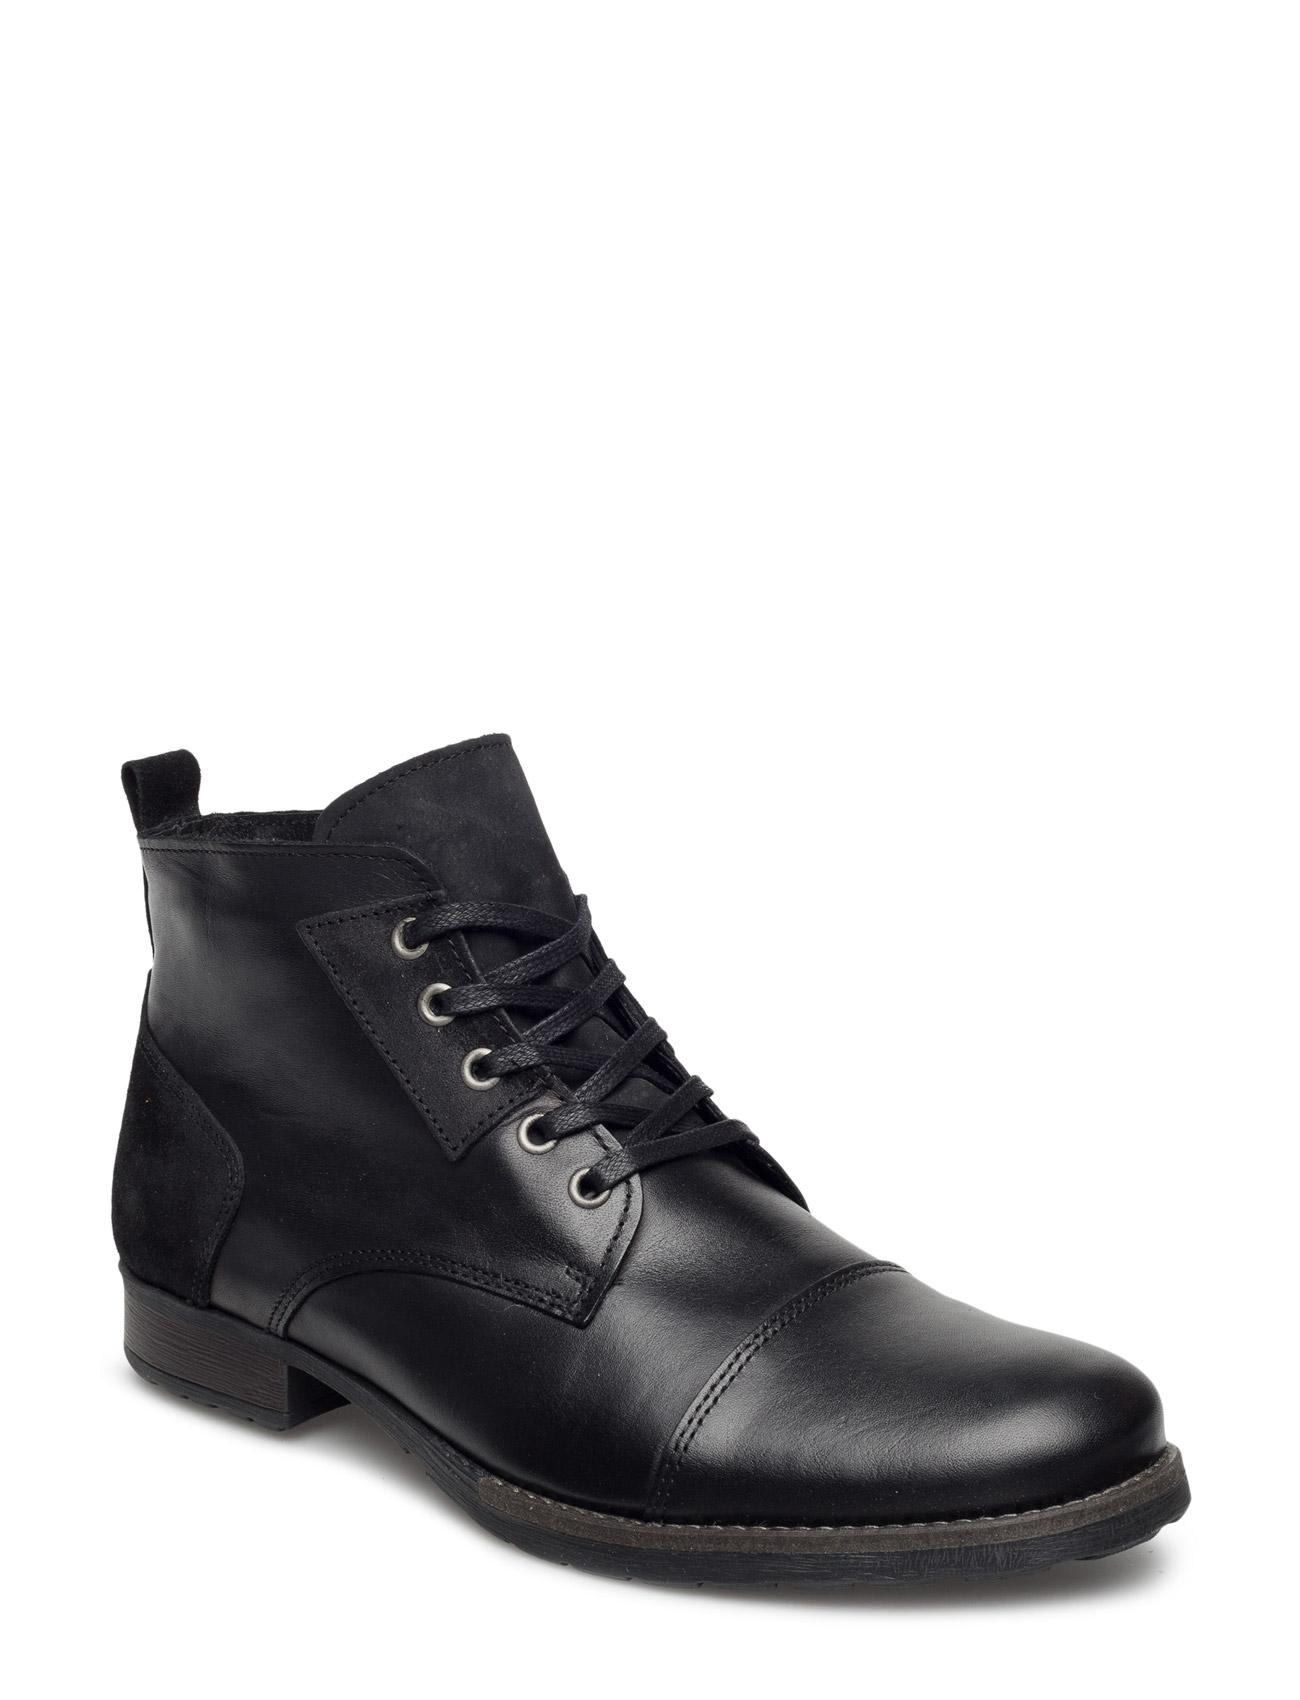 Warm Low Boot Son15 Bianco Støvler til Mænd i Sort